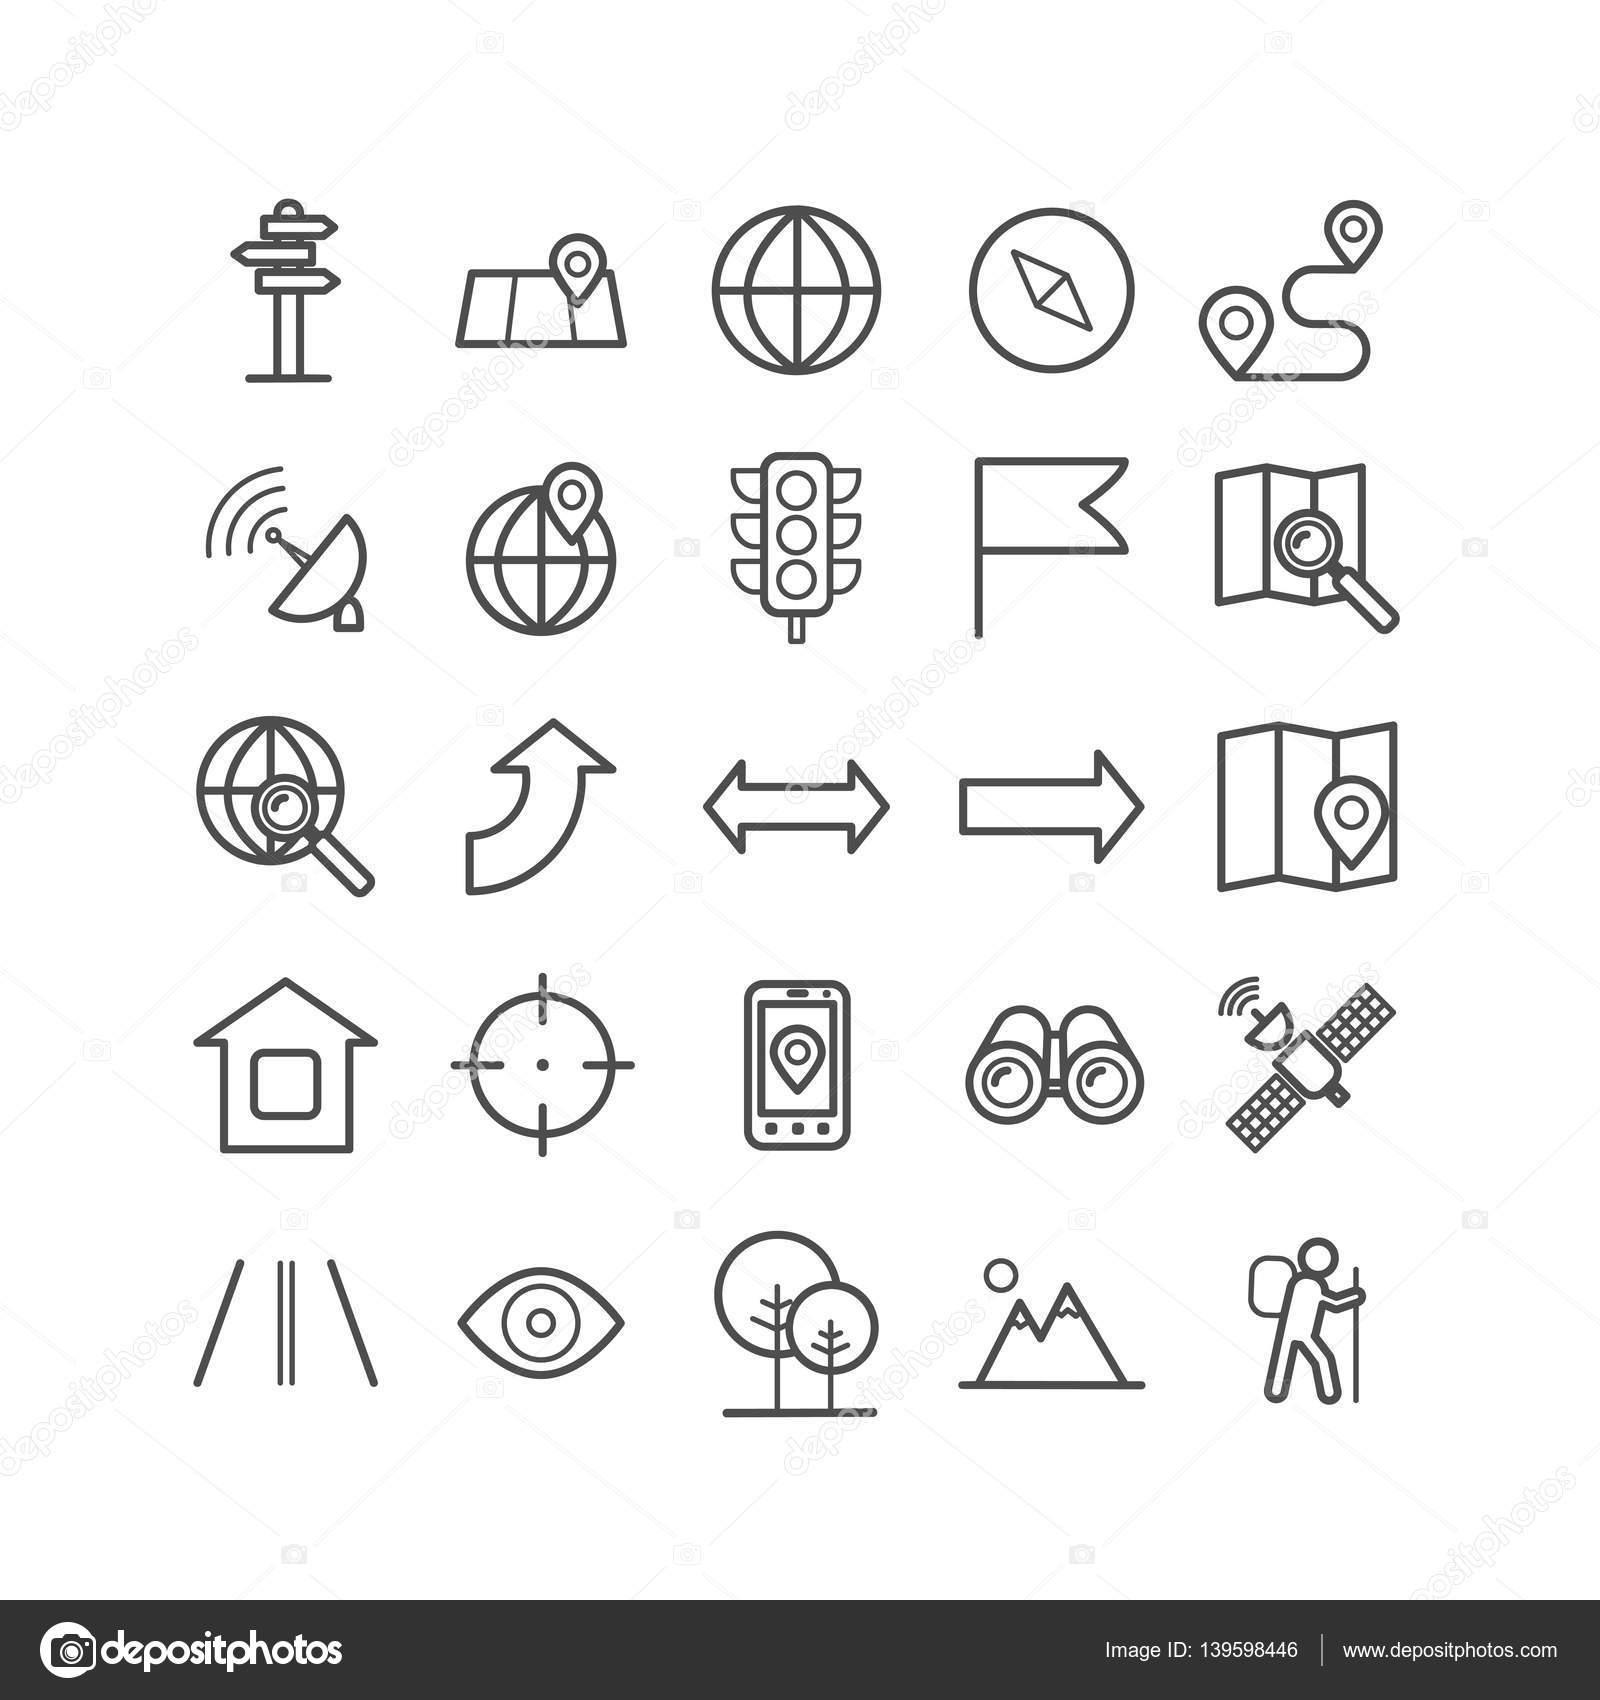 06d2f9980b9be Conjunto de iconos de navegación de contorno. Iconos lineales para  impresión